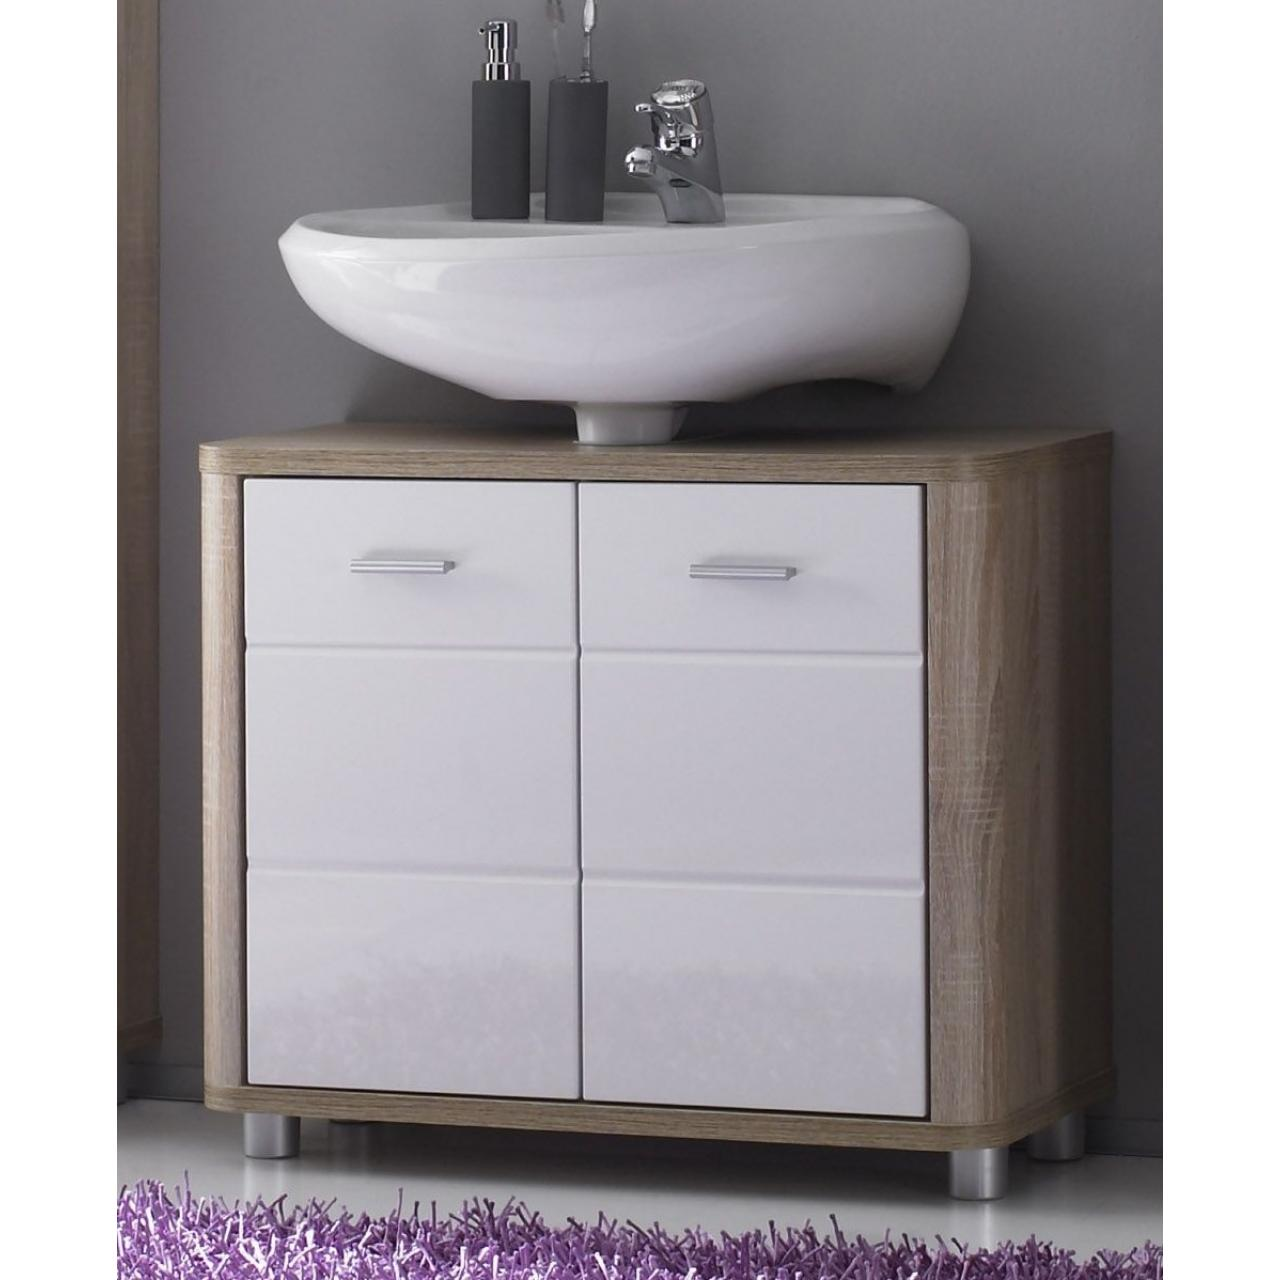 waschbeckenunterschrank vital badm bel wohnen m bel j hnichen center gmbh. Black Bedroom Furniture Sets. Home Design Ideas